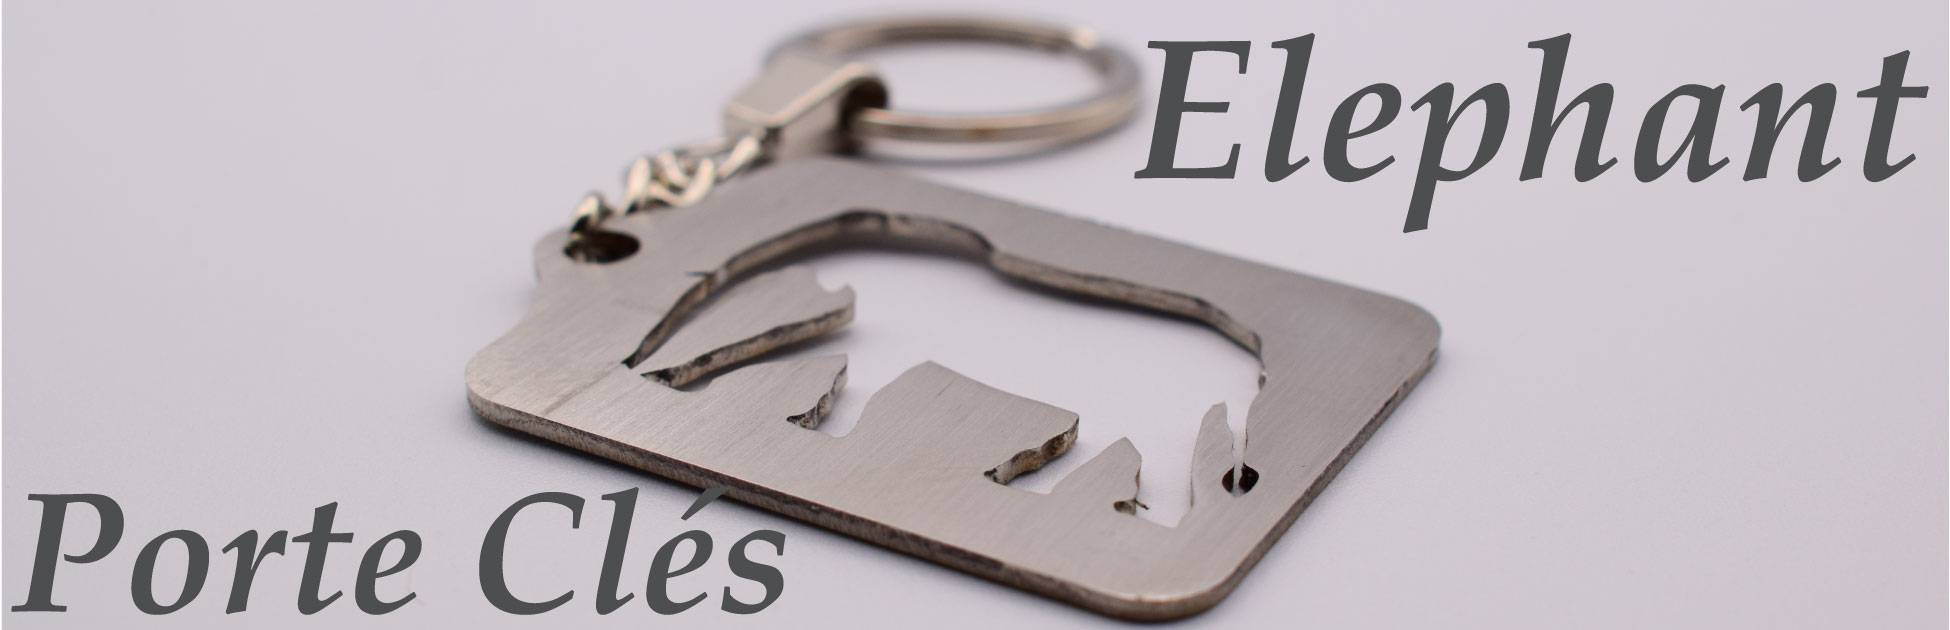 Porte clés élephant